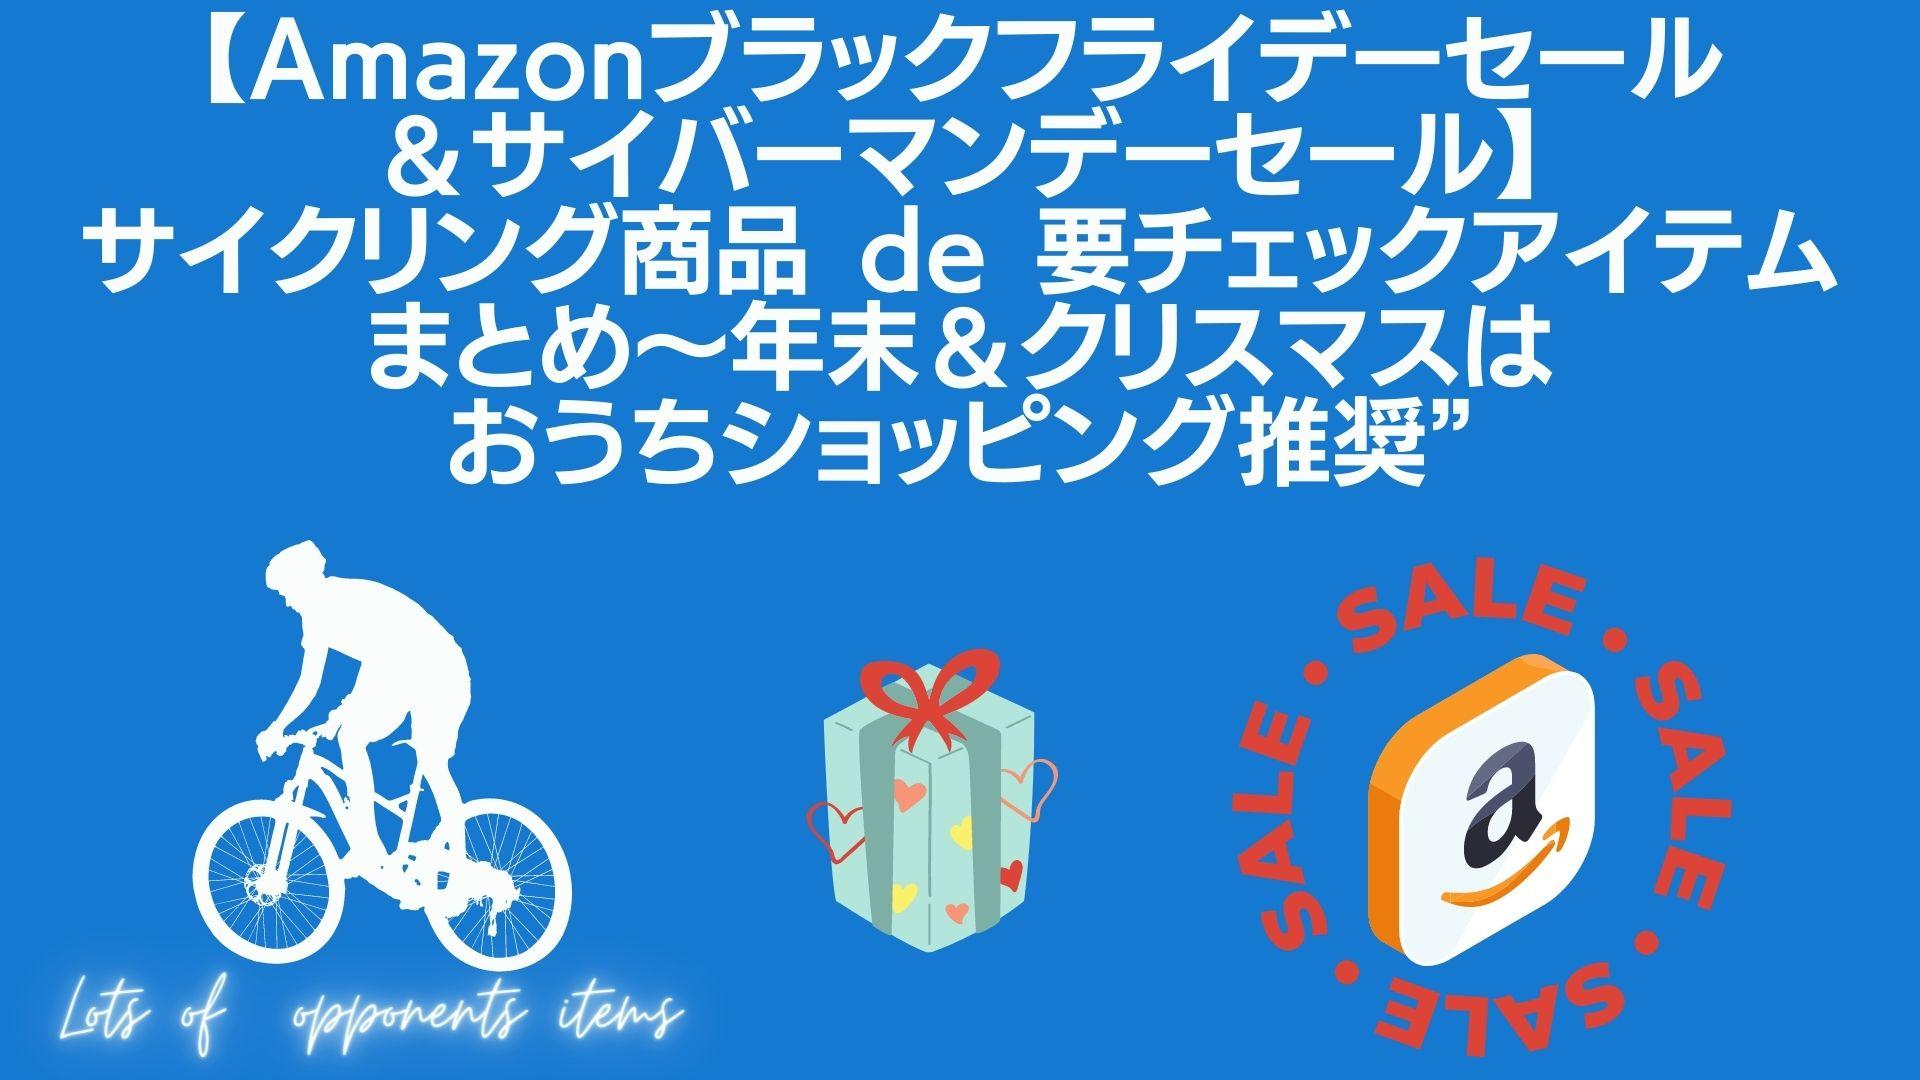 """【Amazonブラックフライデーセール&サイバーマンデーセール】サイクリング商品 de 要チェックアイテムまとめ〜年末&クリスマスはおうちショッピング推奨"""""""